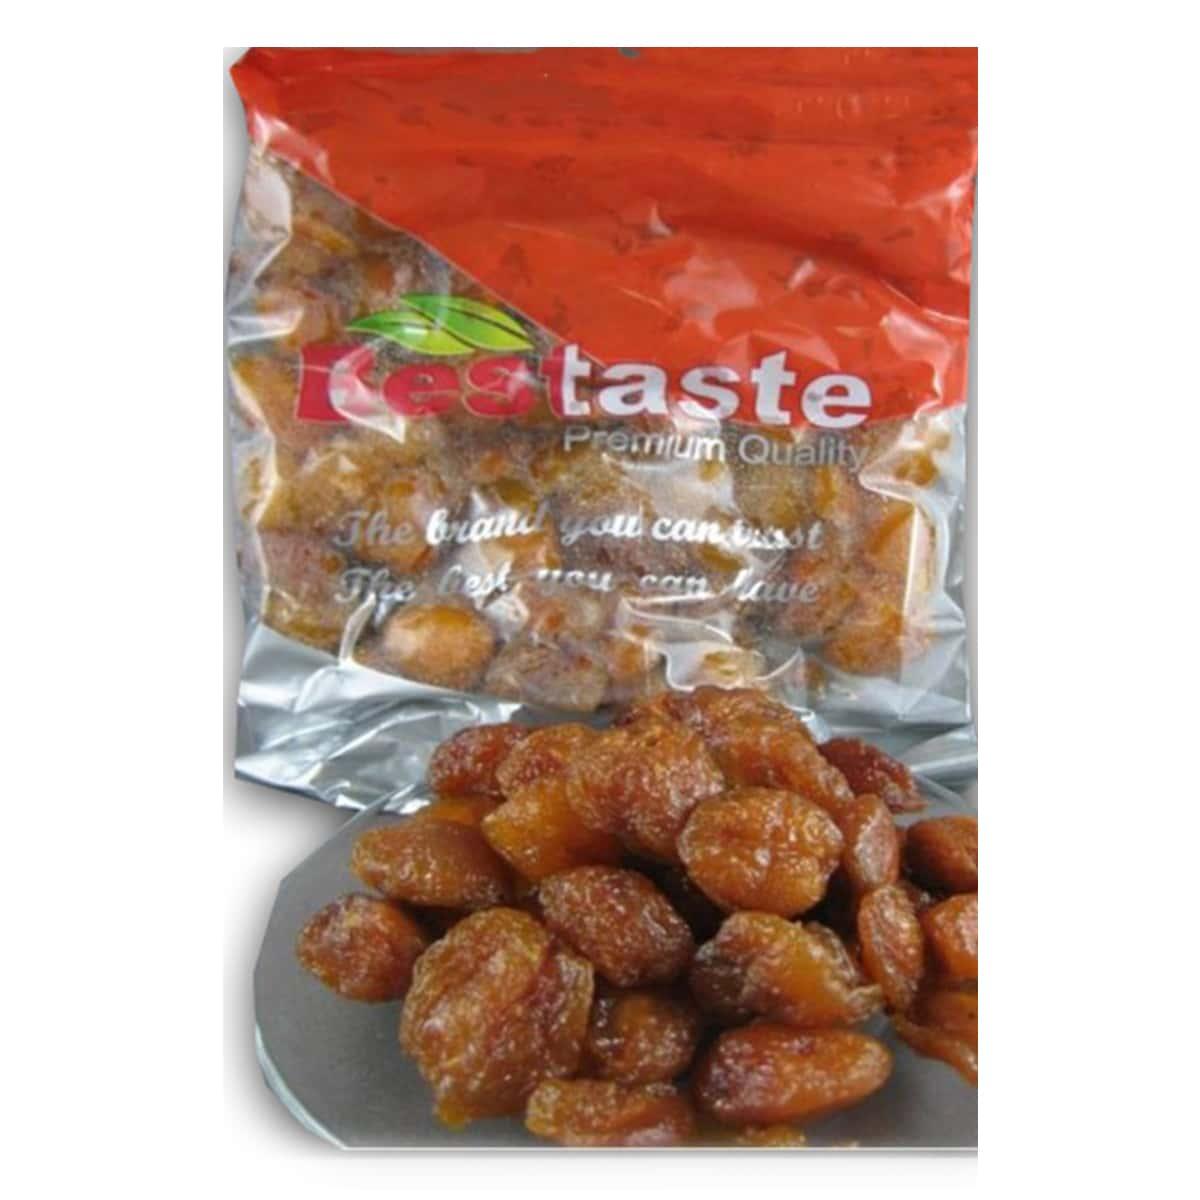 Buy Bestaste Dried Plum Preserved - 495 gm